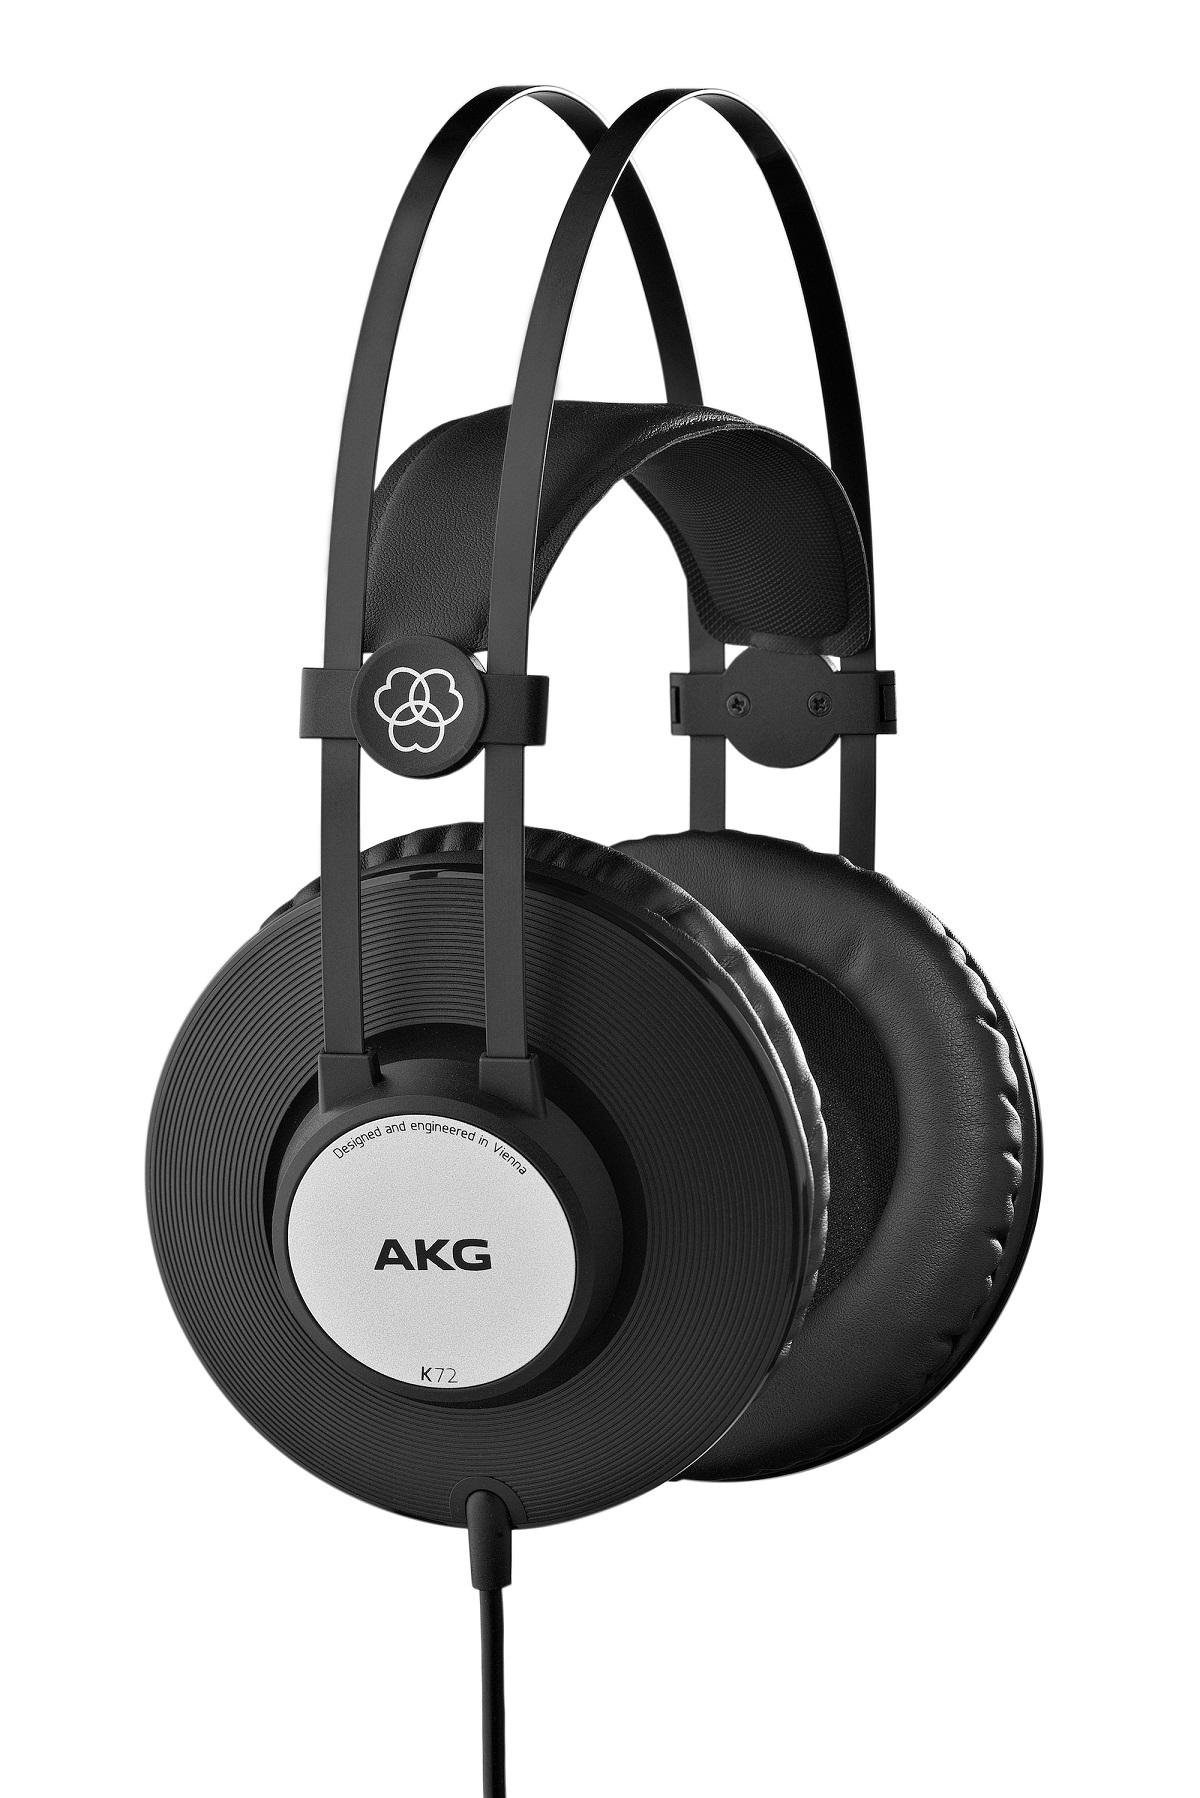 AKG K72